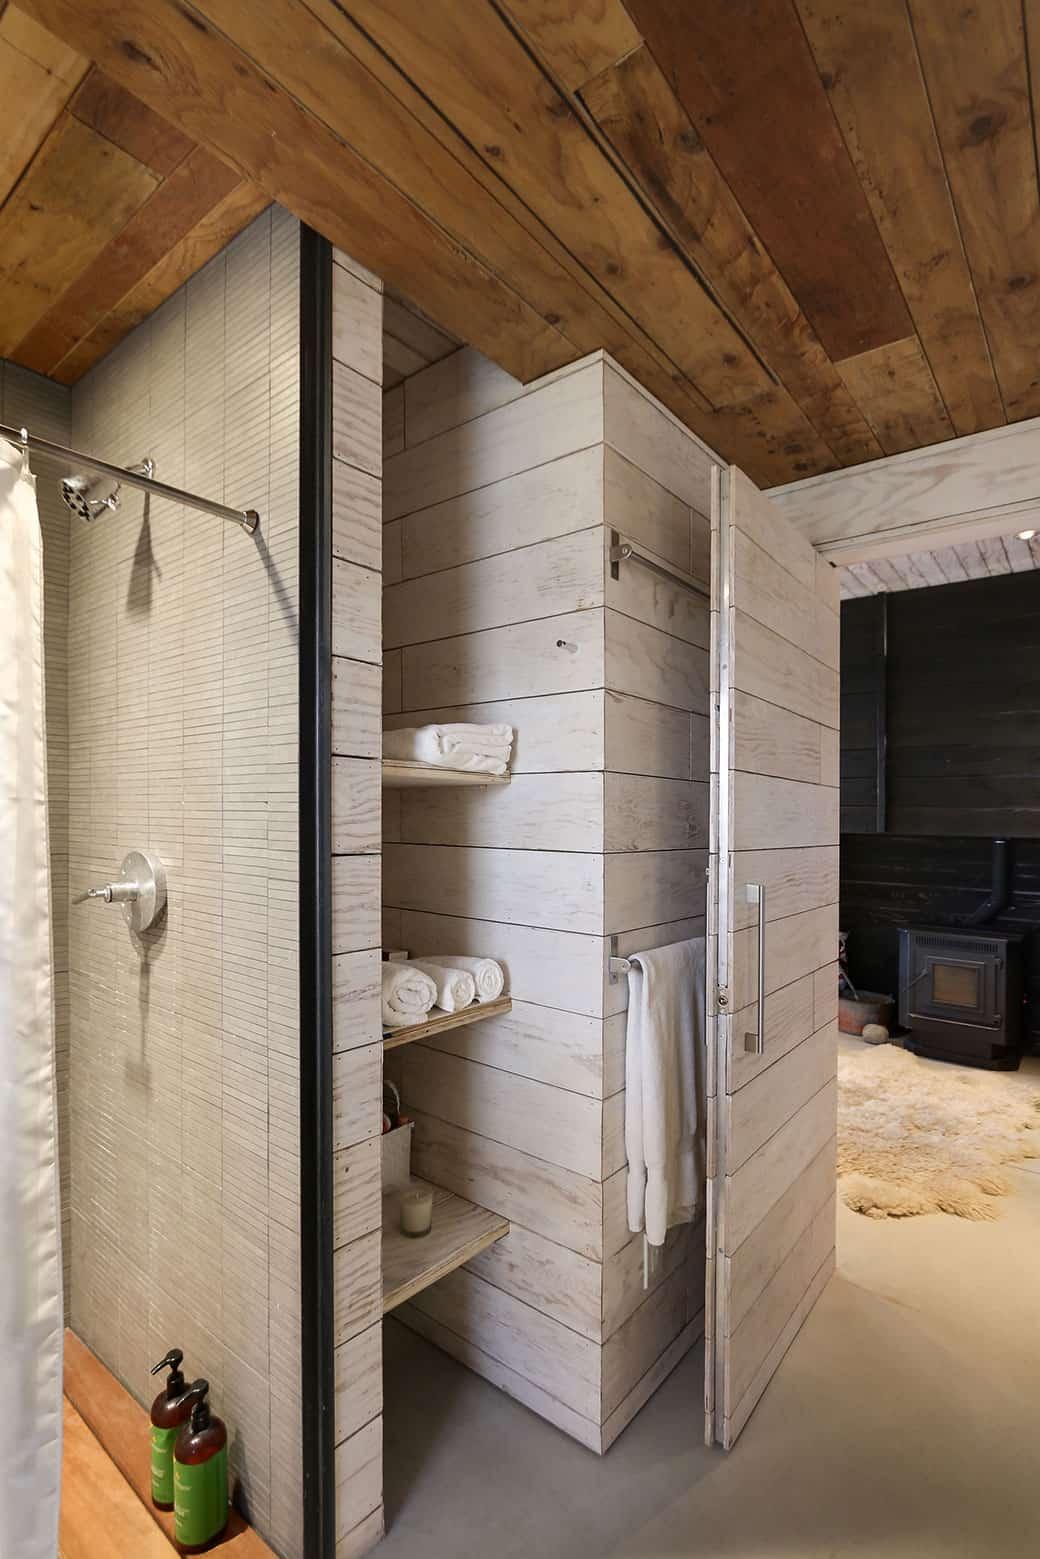 510 Cabin by Hunter Leggitt Studio (15)